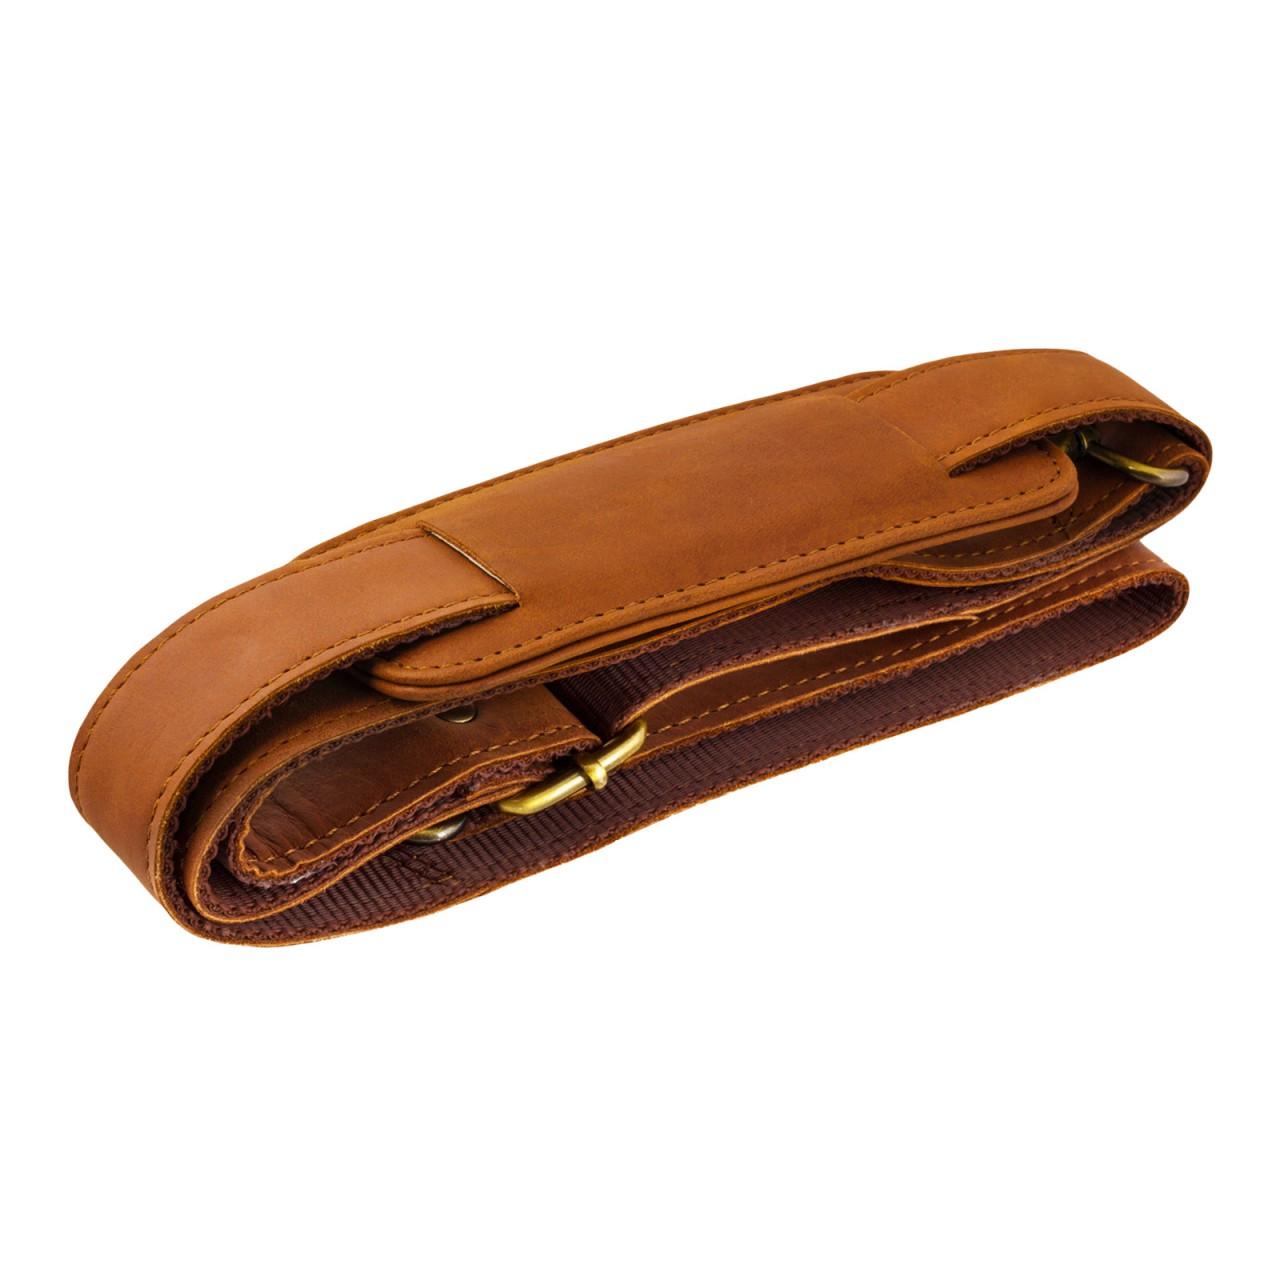 STILORD Vintage Umhängetasche groß Aktentasche Schultertasche 15,6 Zoll Laptoptasche - ideal für Büro Uni Arbeit Leder braun - Bild 4